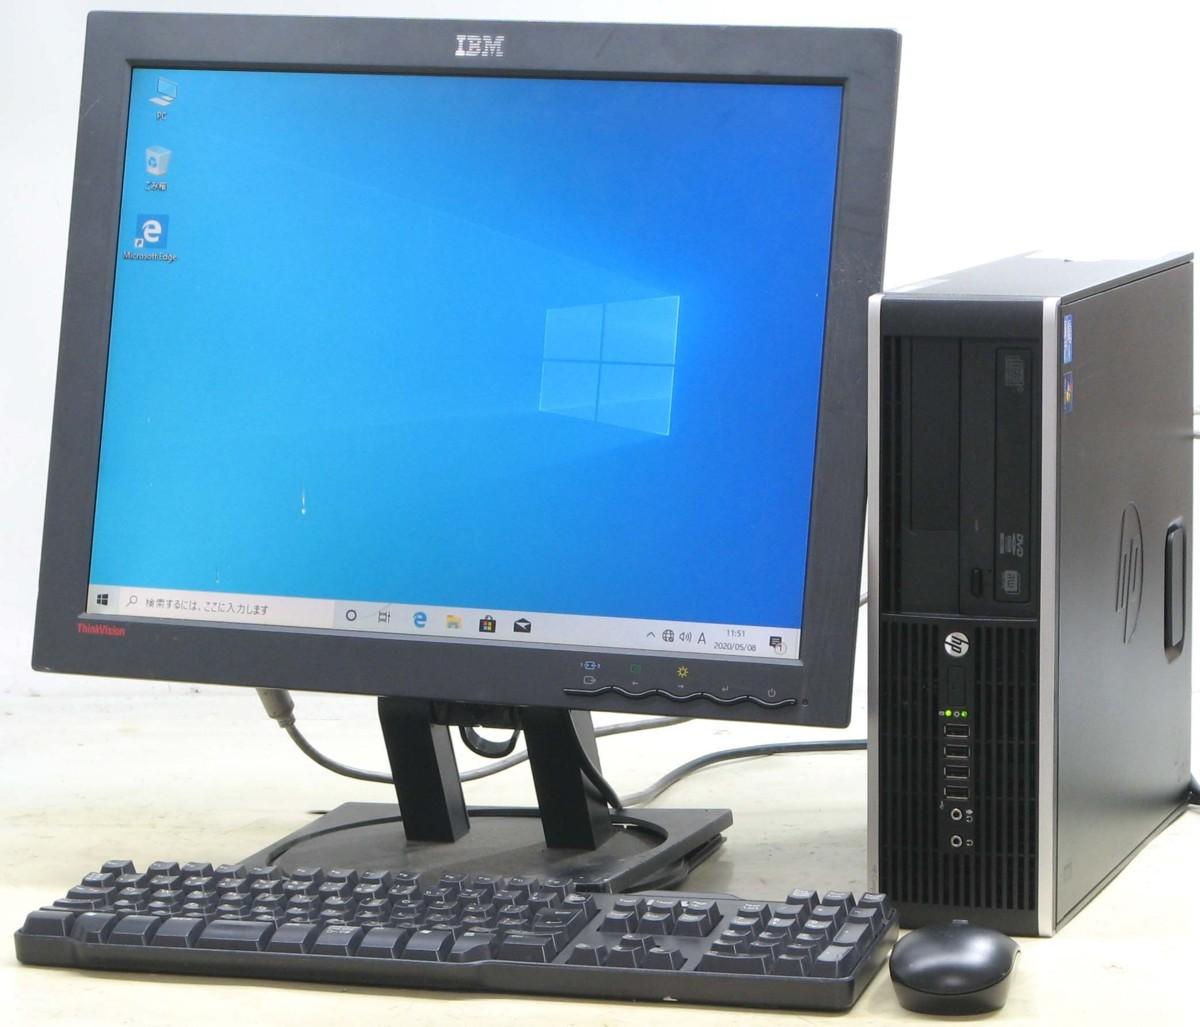 【初期設定済み!すぐ使える】 中古 パソコン デスクトップ 20型 20インチ 液晶モニター セット ヒューレットパッカードHP Compaq 8200Elite SFF-2600 Windows10 Corei7 メモリ4GB HDD500GB DVDスーパーマルチ 中古PC 【中古】